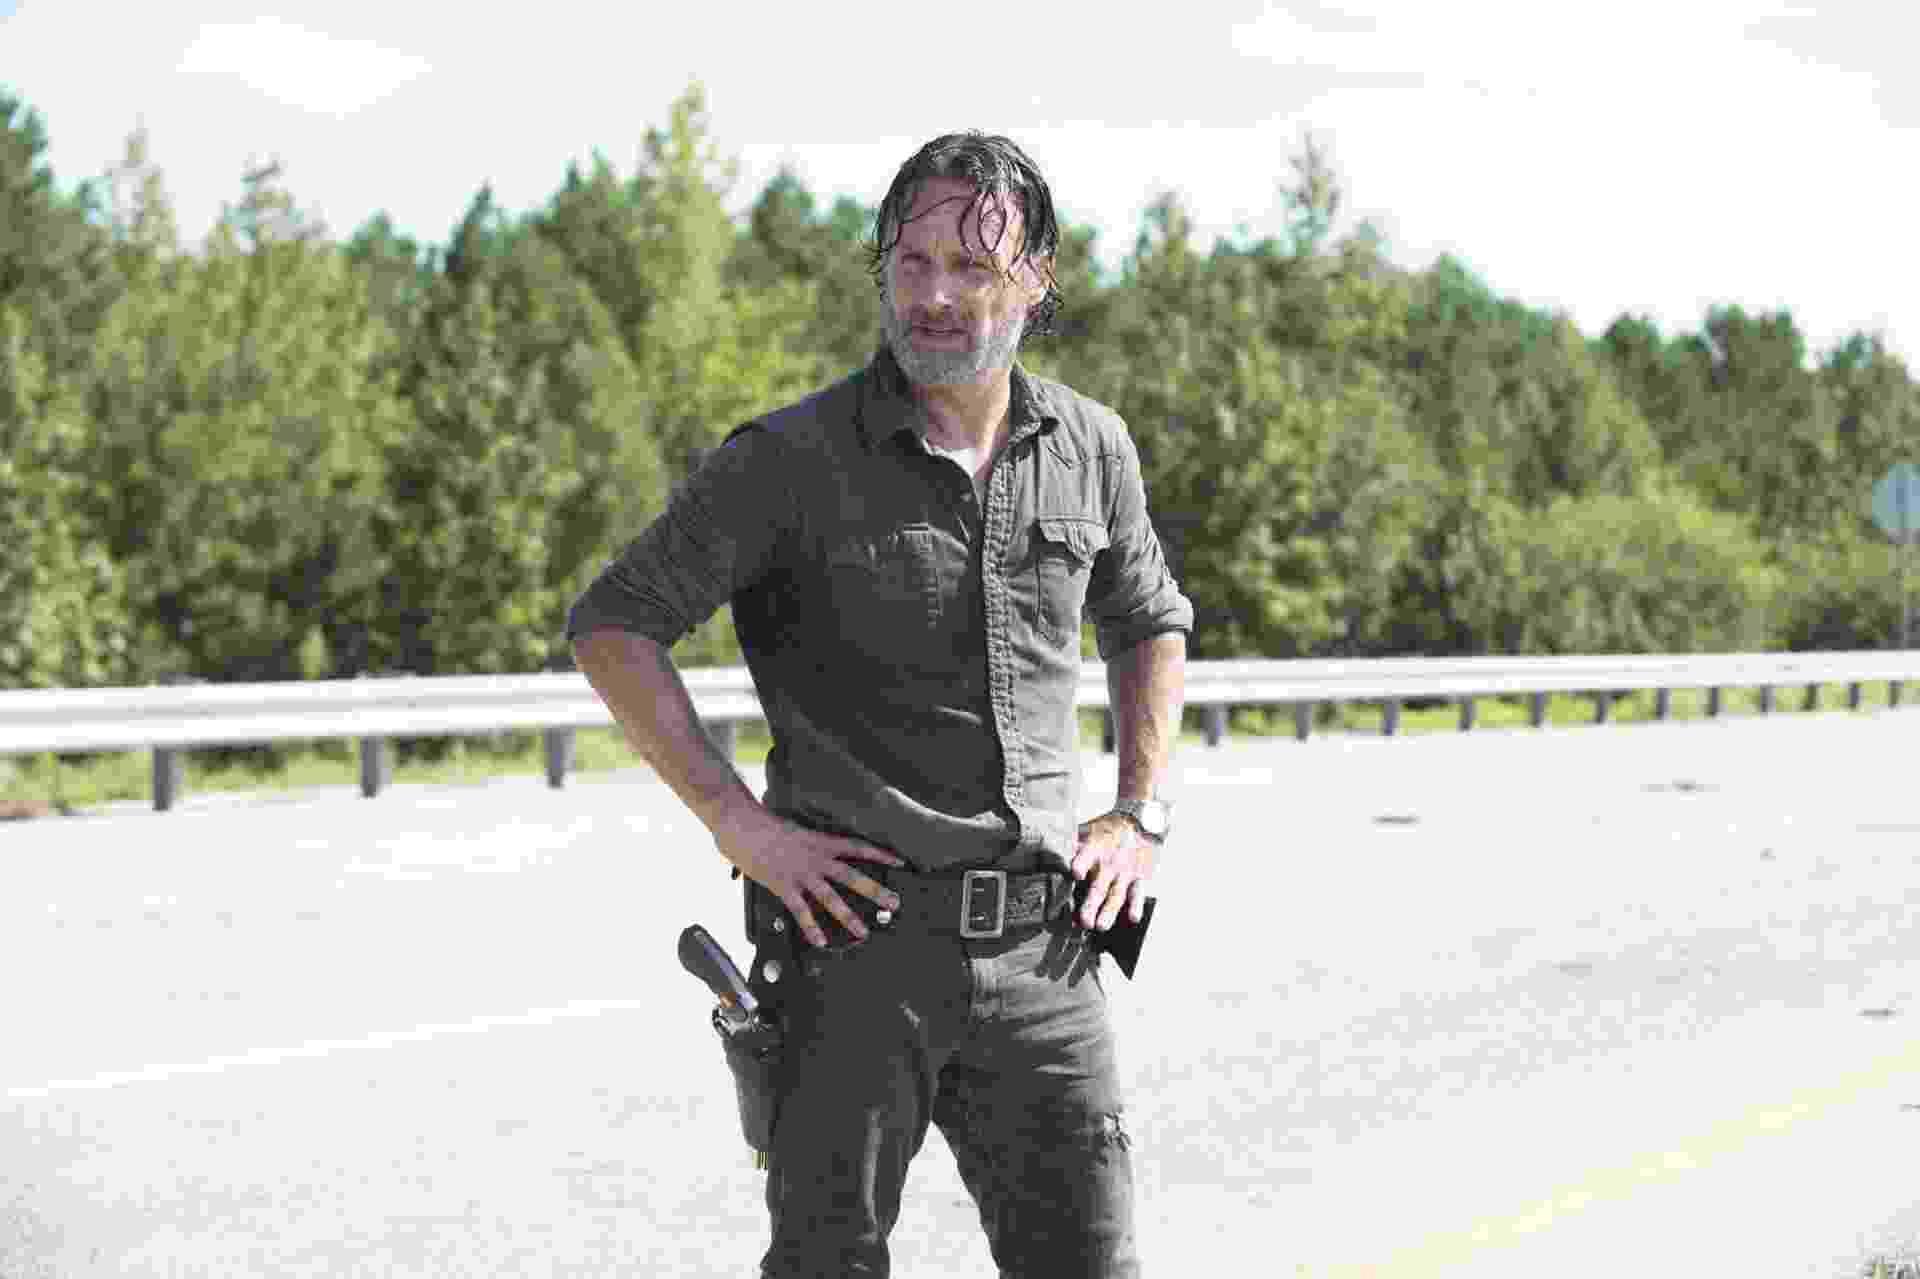 """Rick (Andrew Lincoln) recupera a confiança e coloca em prática seus planos para derrotar Negan (Jeffrey Dean Morgan) na sétima temporada de """"The Walking Dead"""" - Divulgação/AMC"""